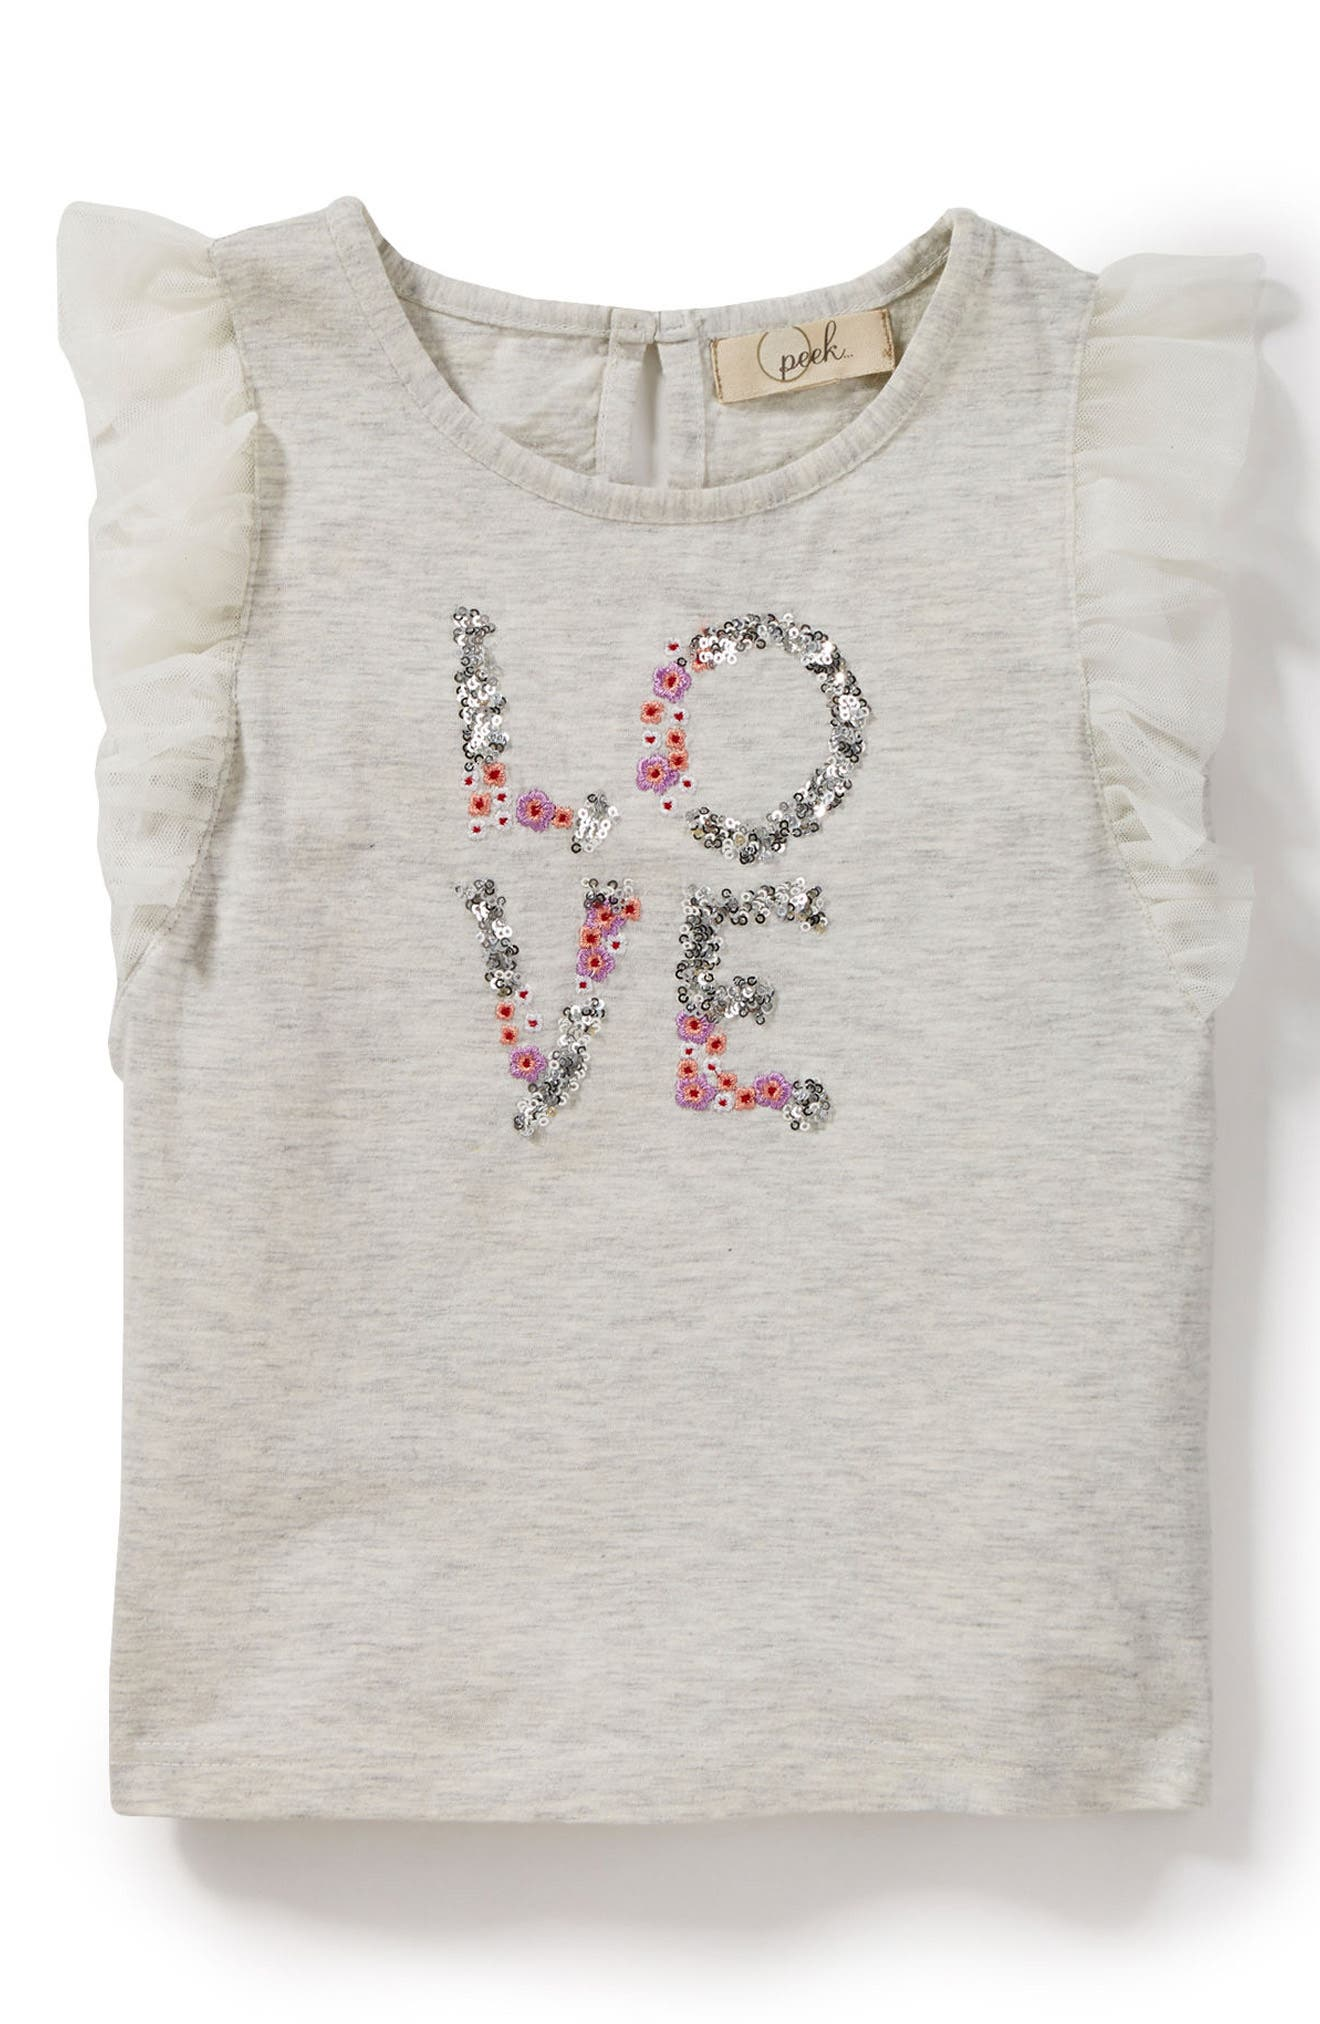 Peek Love Graphic Flutter Sleeve Tee (Toddler Girls, Little Girls & Big Girls)